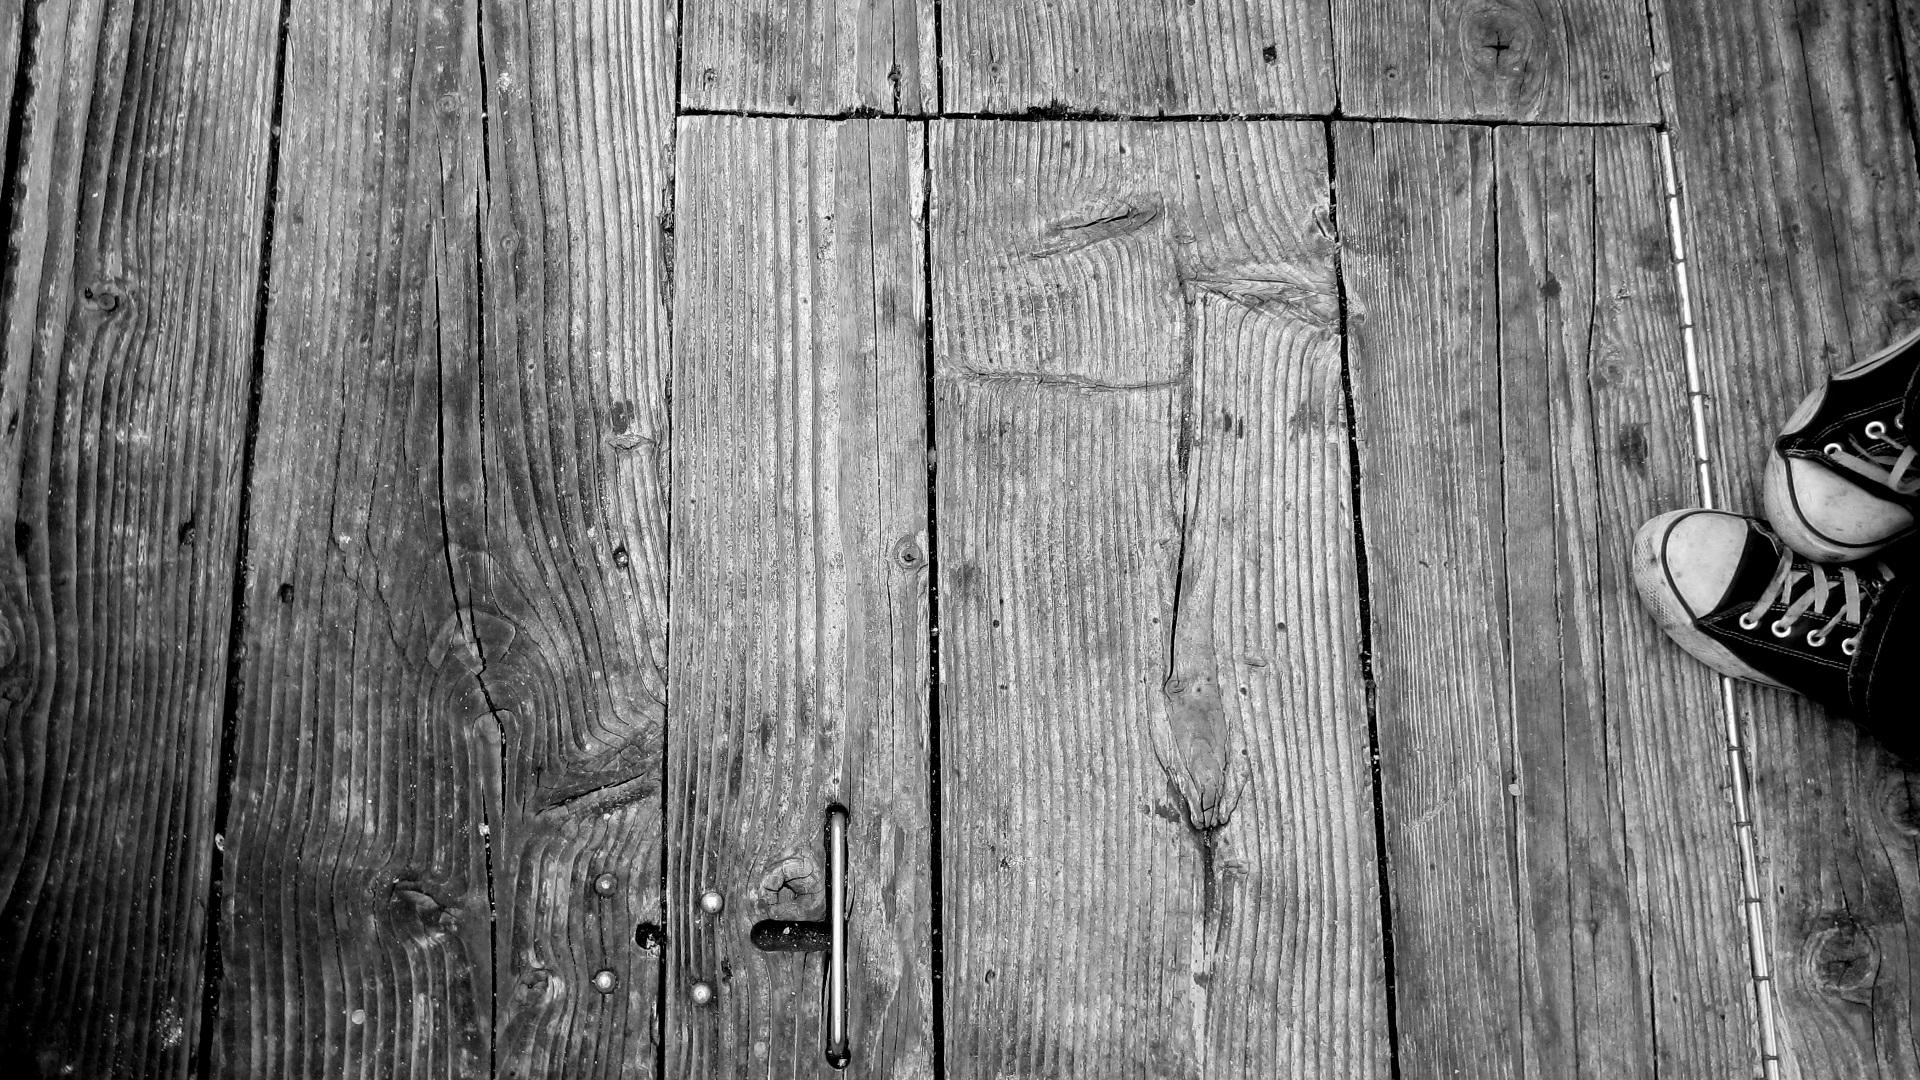 παπούτσια, χώμα, ξύλο, κλείσιμο με κορδόνια, βήματα - Wallpapers HD - Professor-falken.com